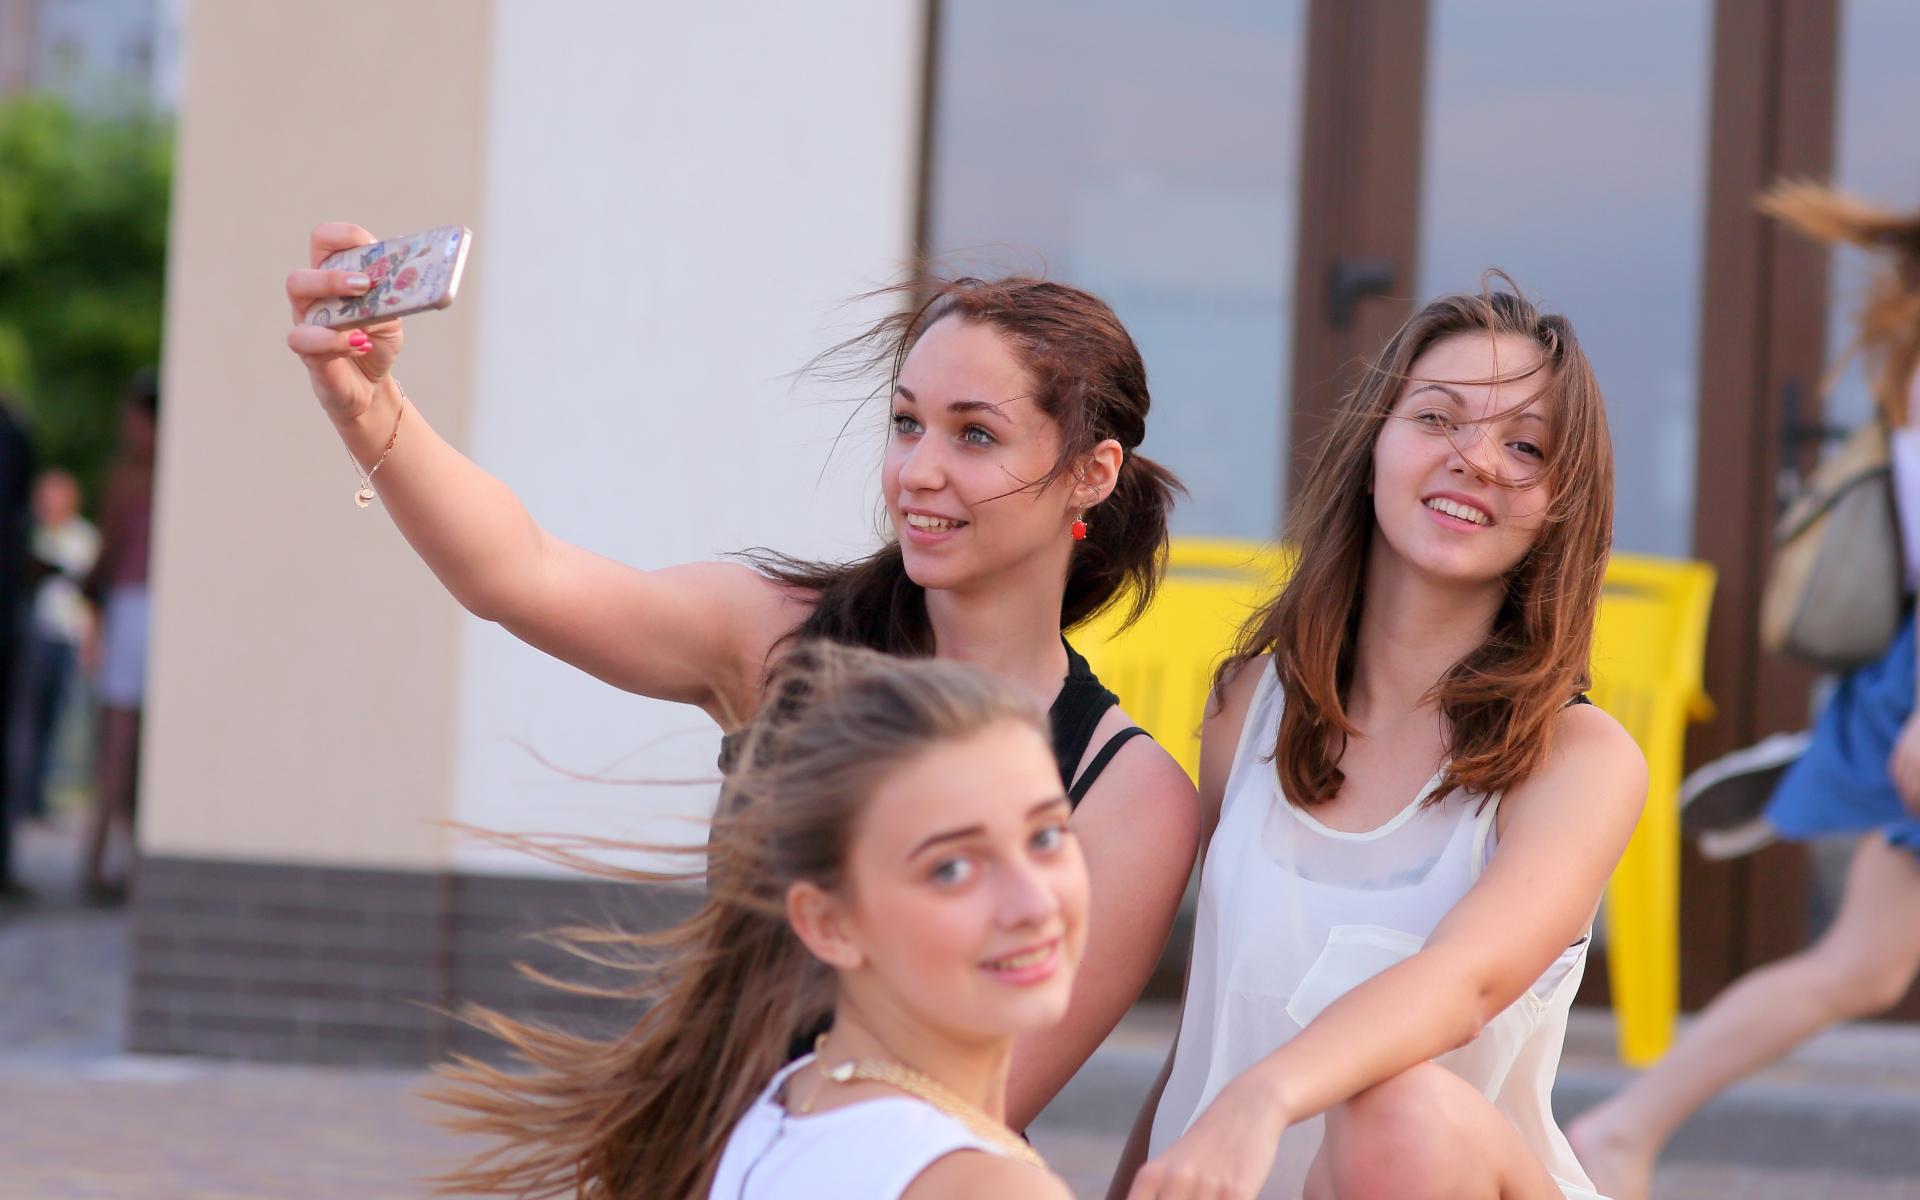 Selfie de chicas bellas - 1920x1200